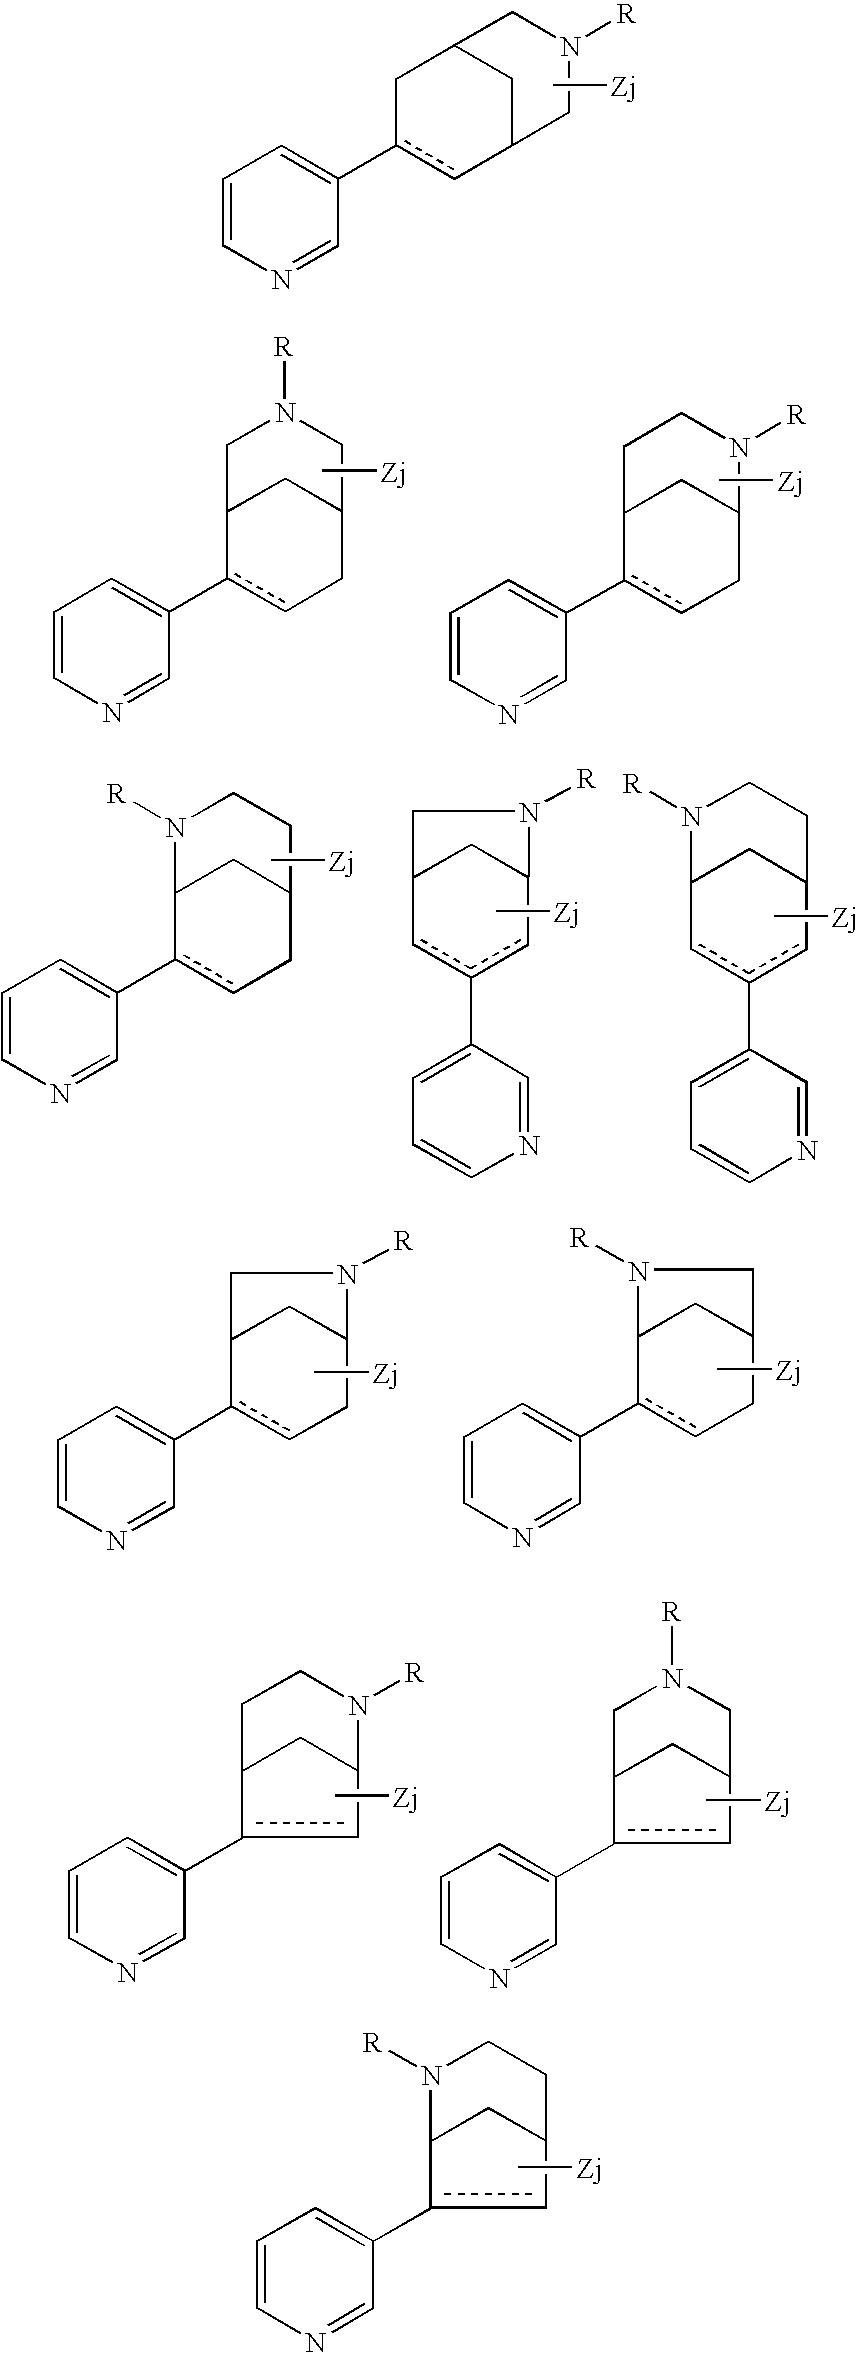 Figure US20050282823A1-20051222-C00005